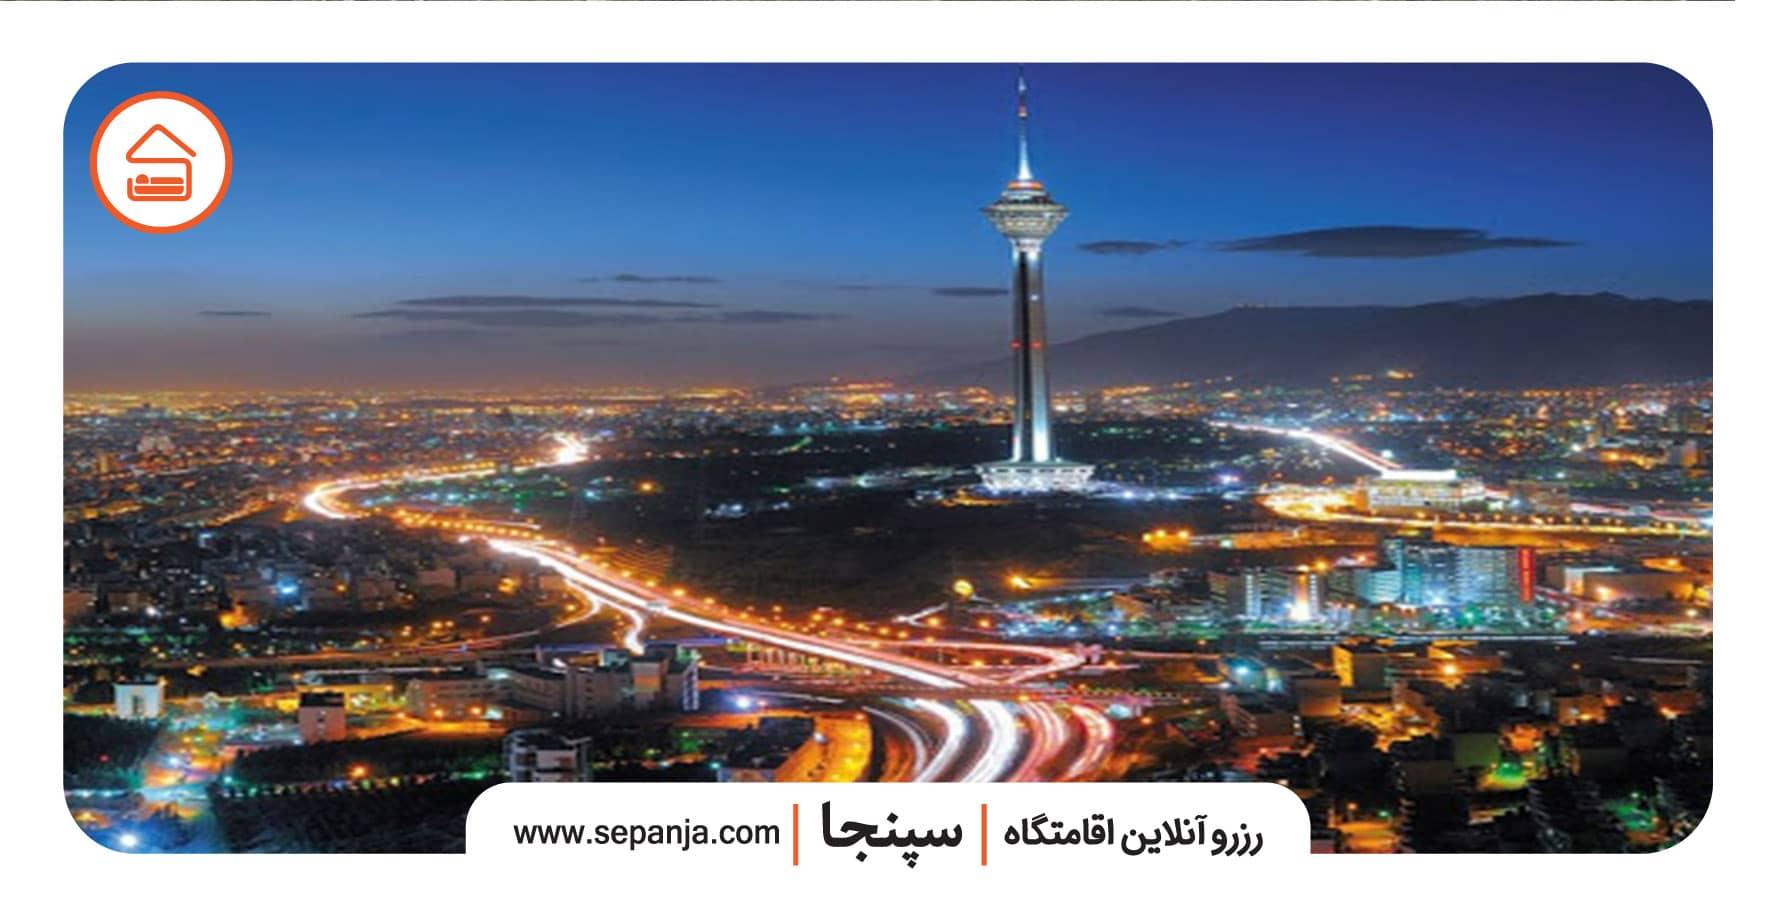 سفر به جاهای دیدنی شهر تهران